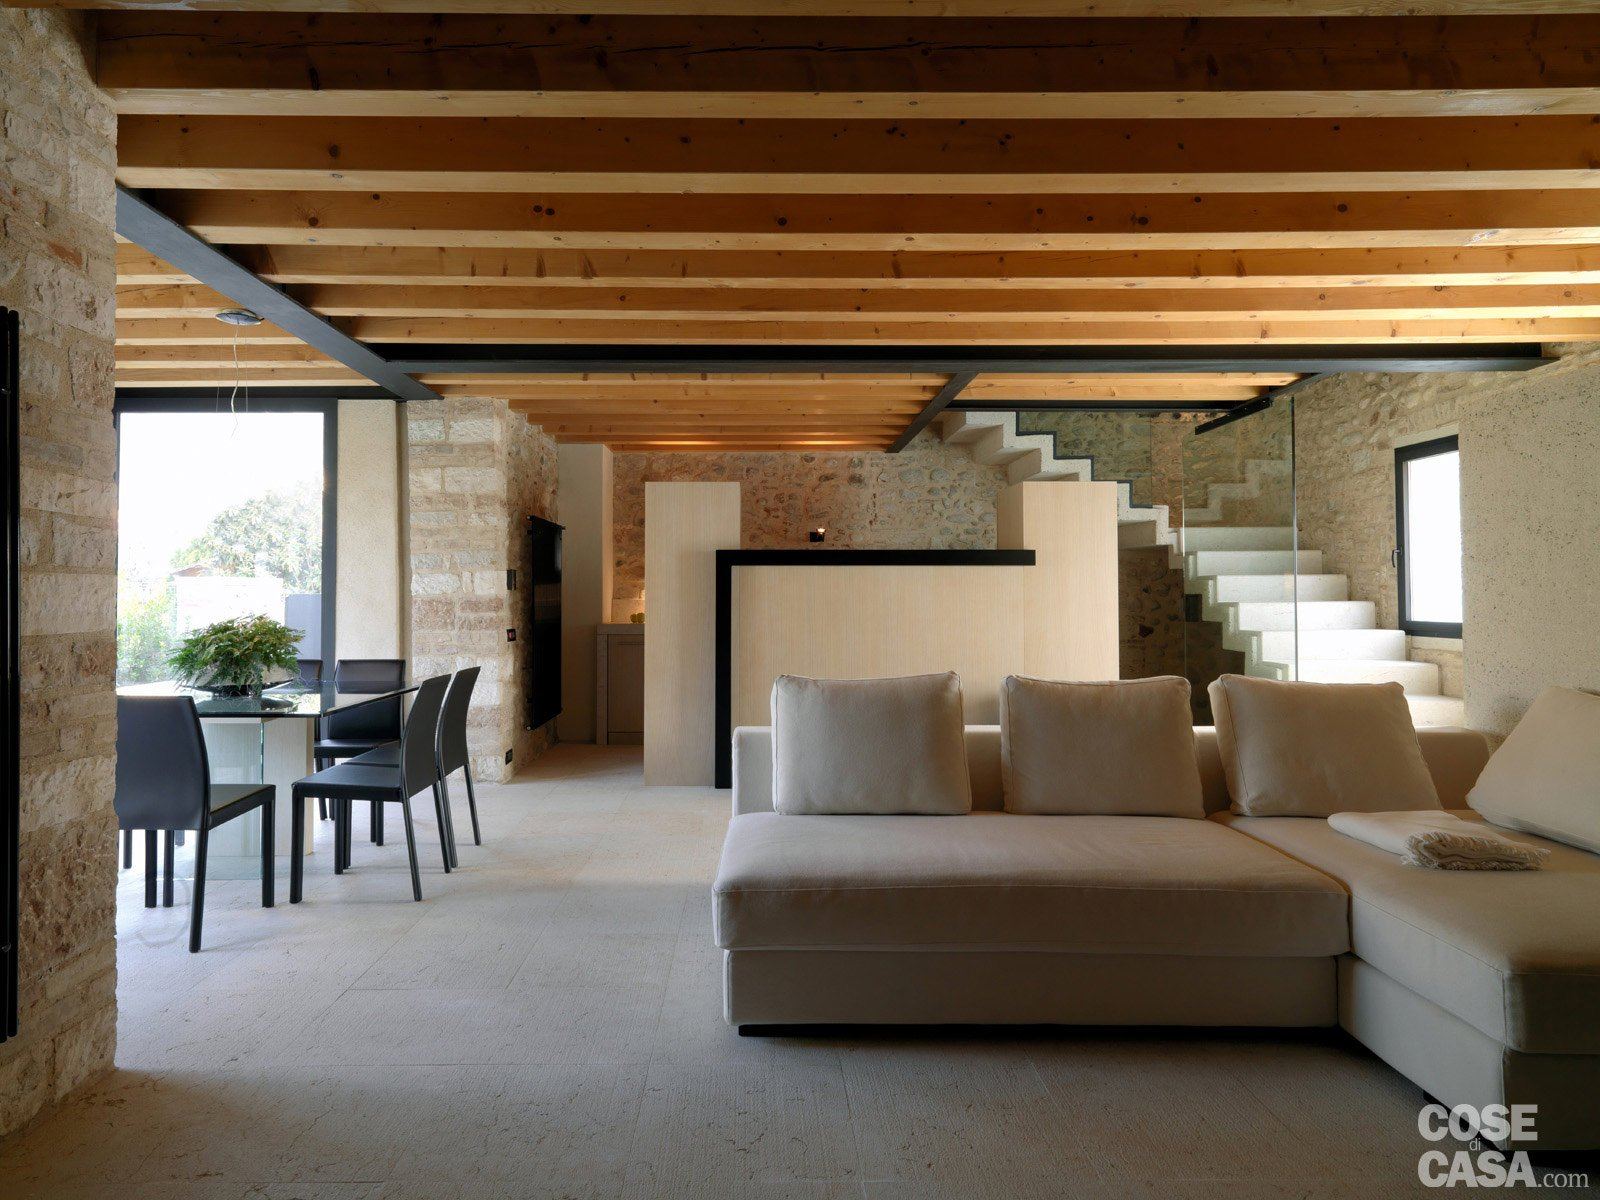 Legno e pietra a vista nella casa restaurata cose di casa for Arredare casa con travi a vista